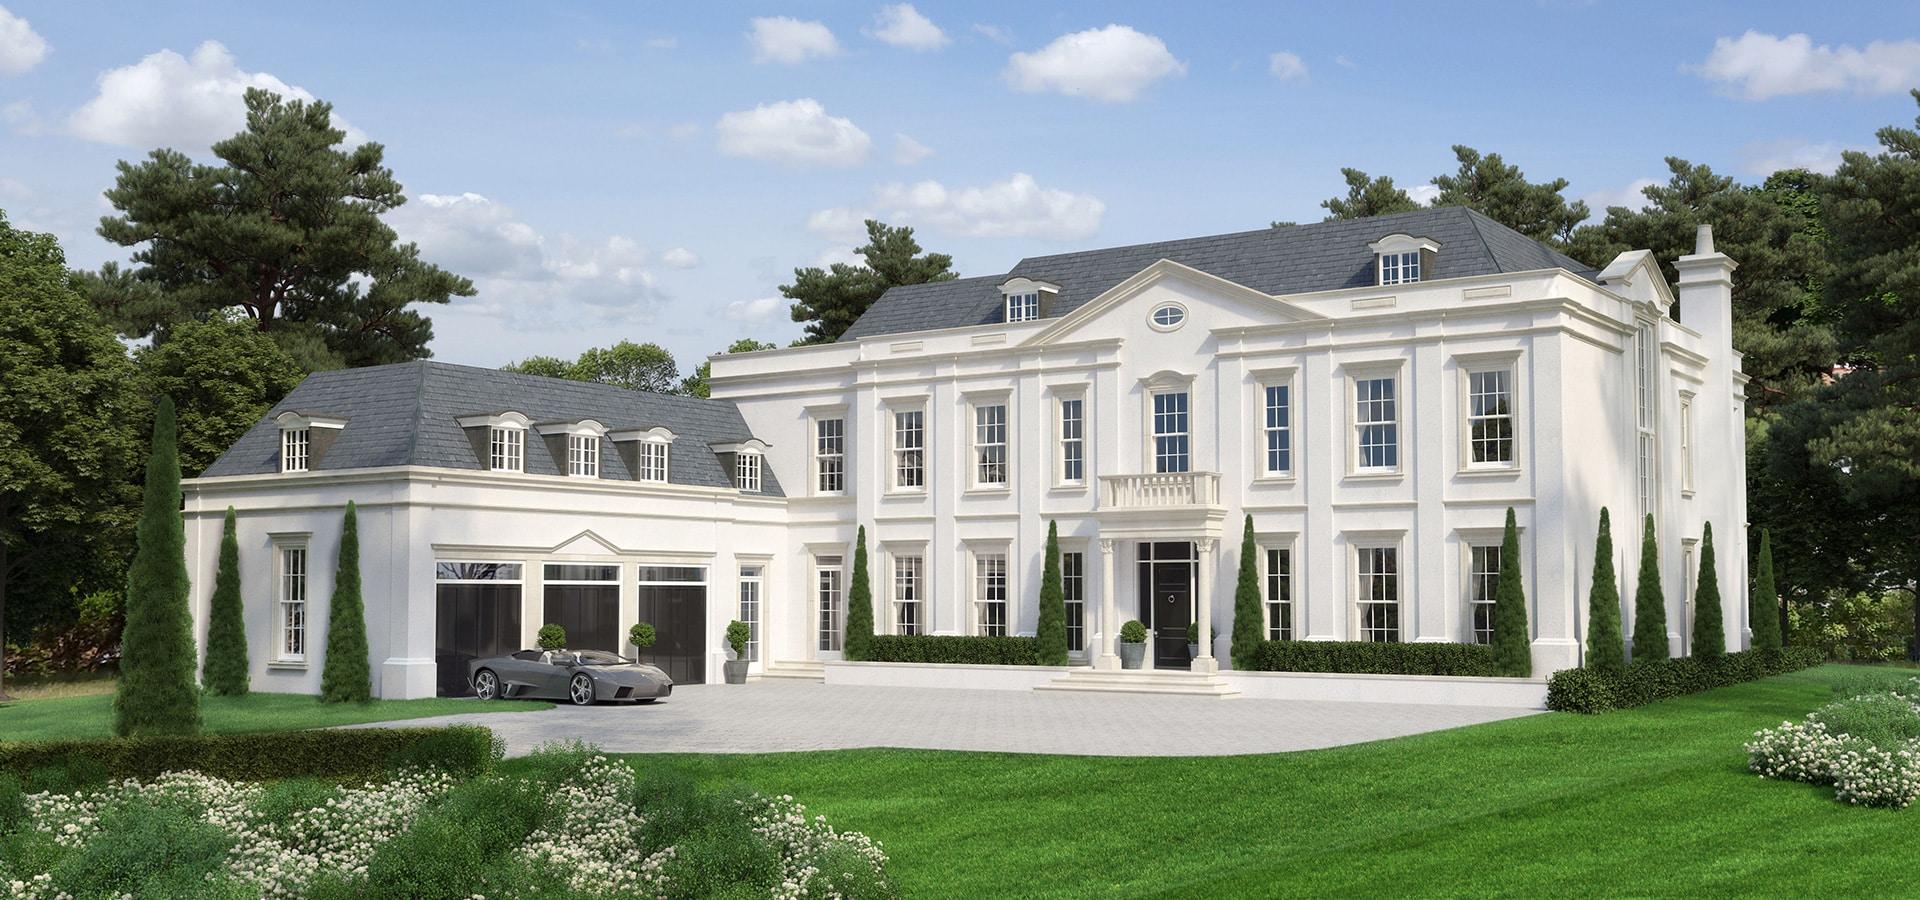 6 Bed Luxury Bespoke Property Weybridge Surrey Hillside